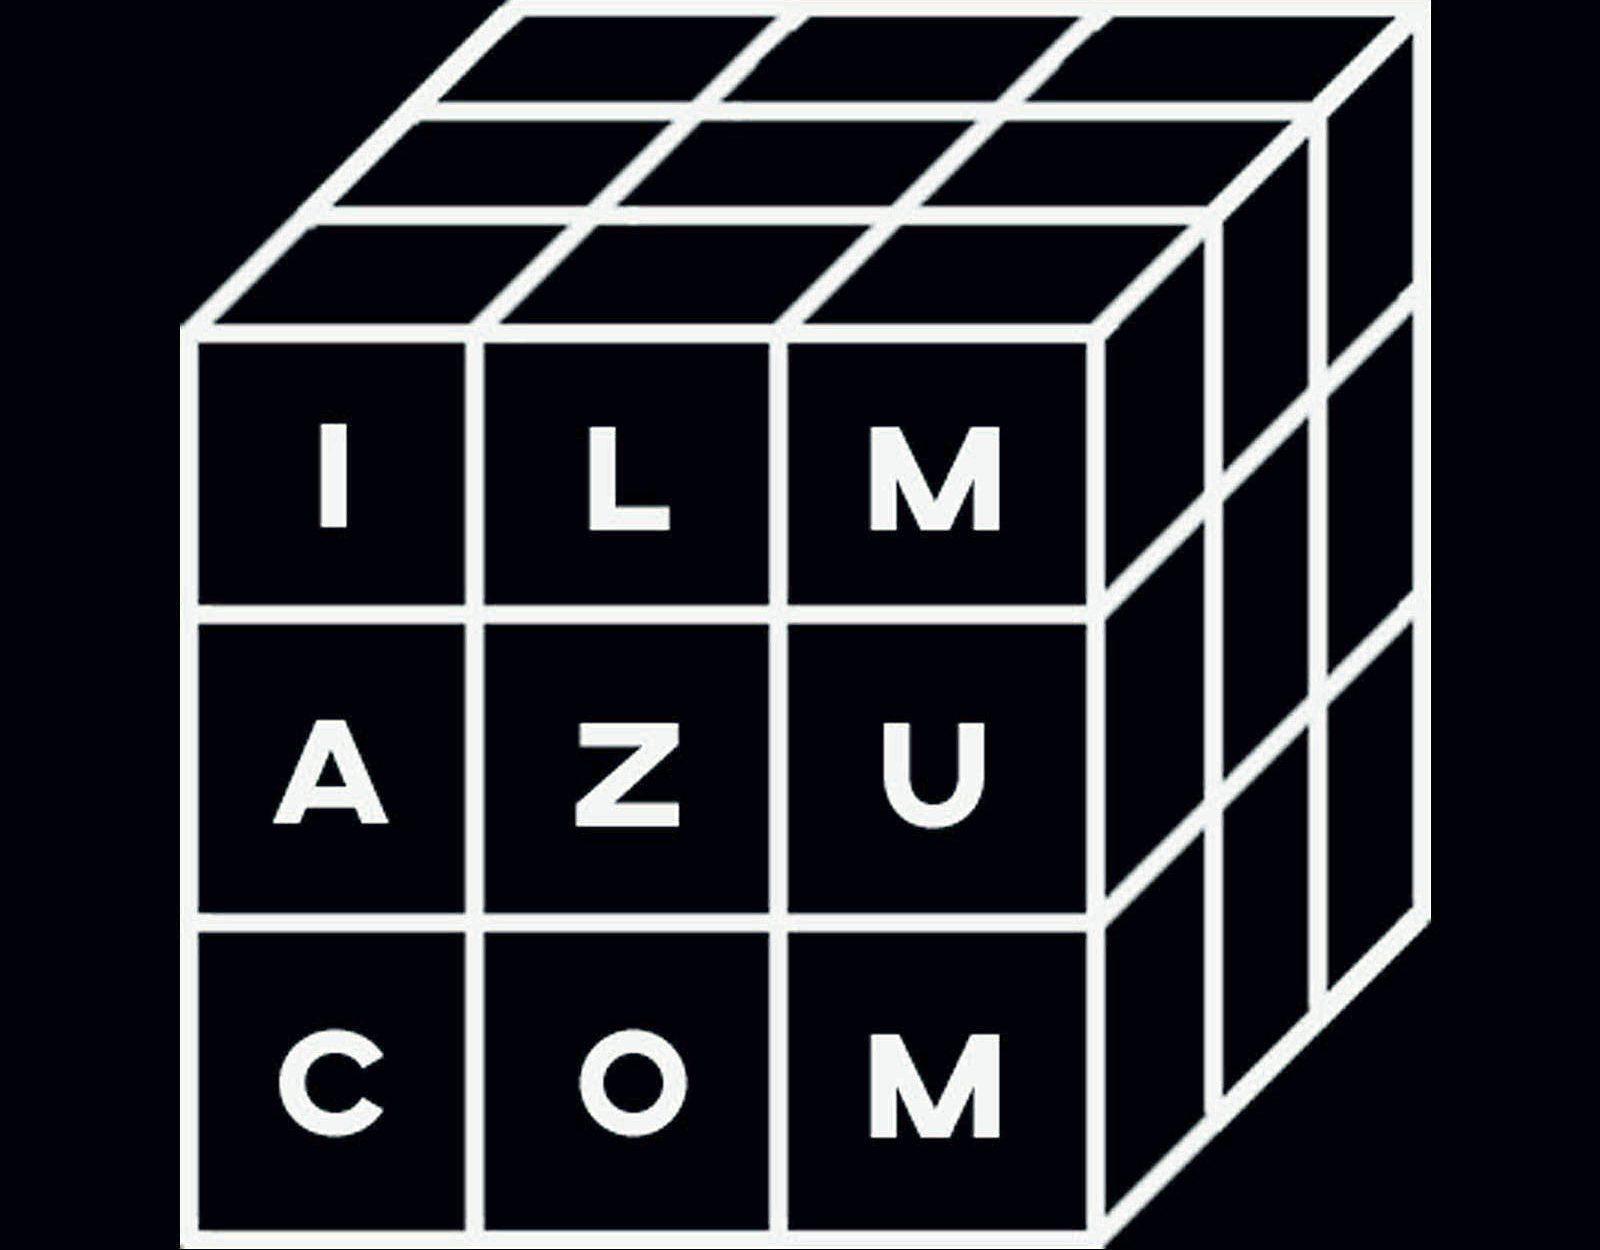 ILMAZU